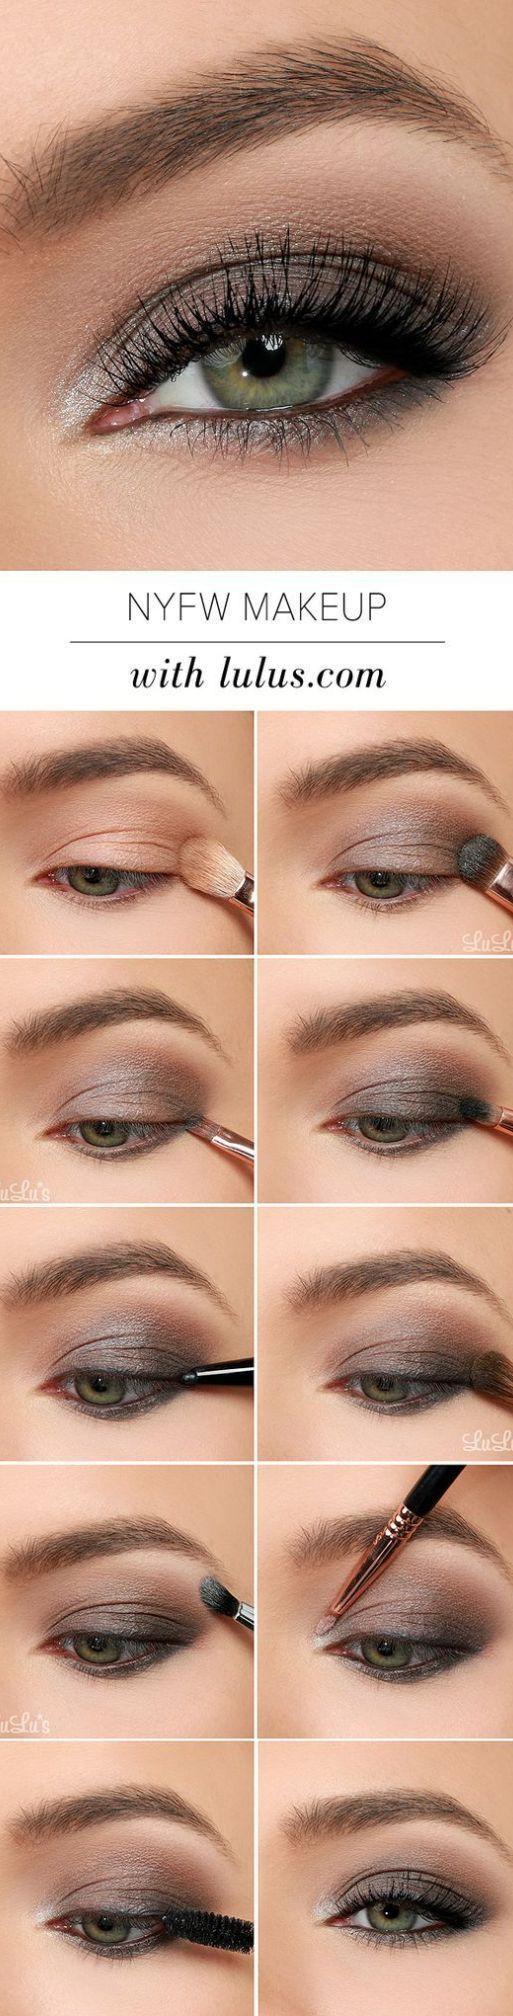 15 instrucciones paso a paso para aplicar ojos ahumados a principiantes